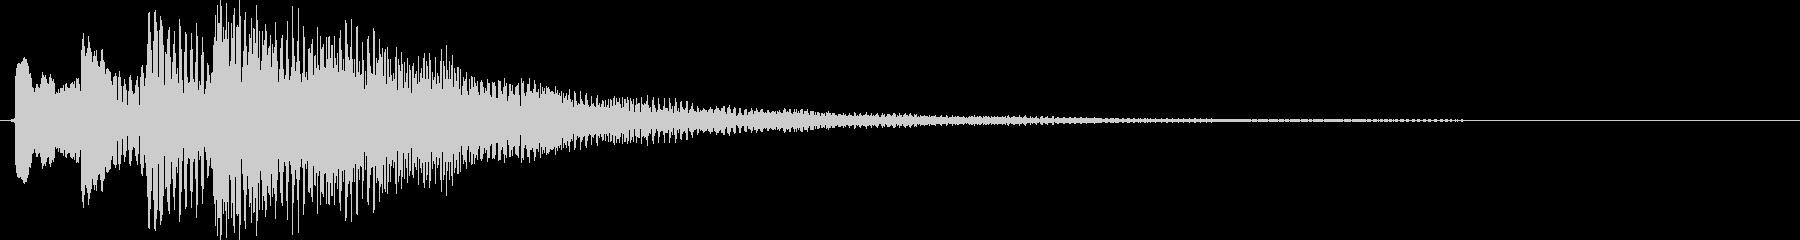 ポロリローン(マリンバ系チャイム)の未再生の波形